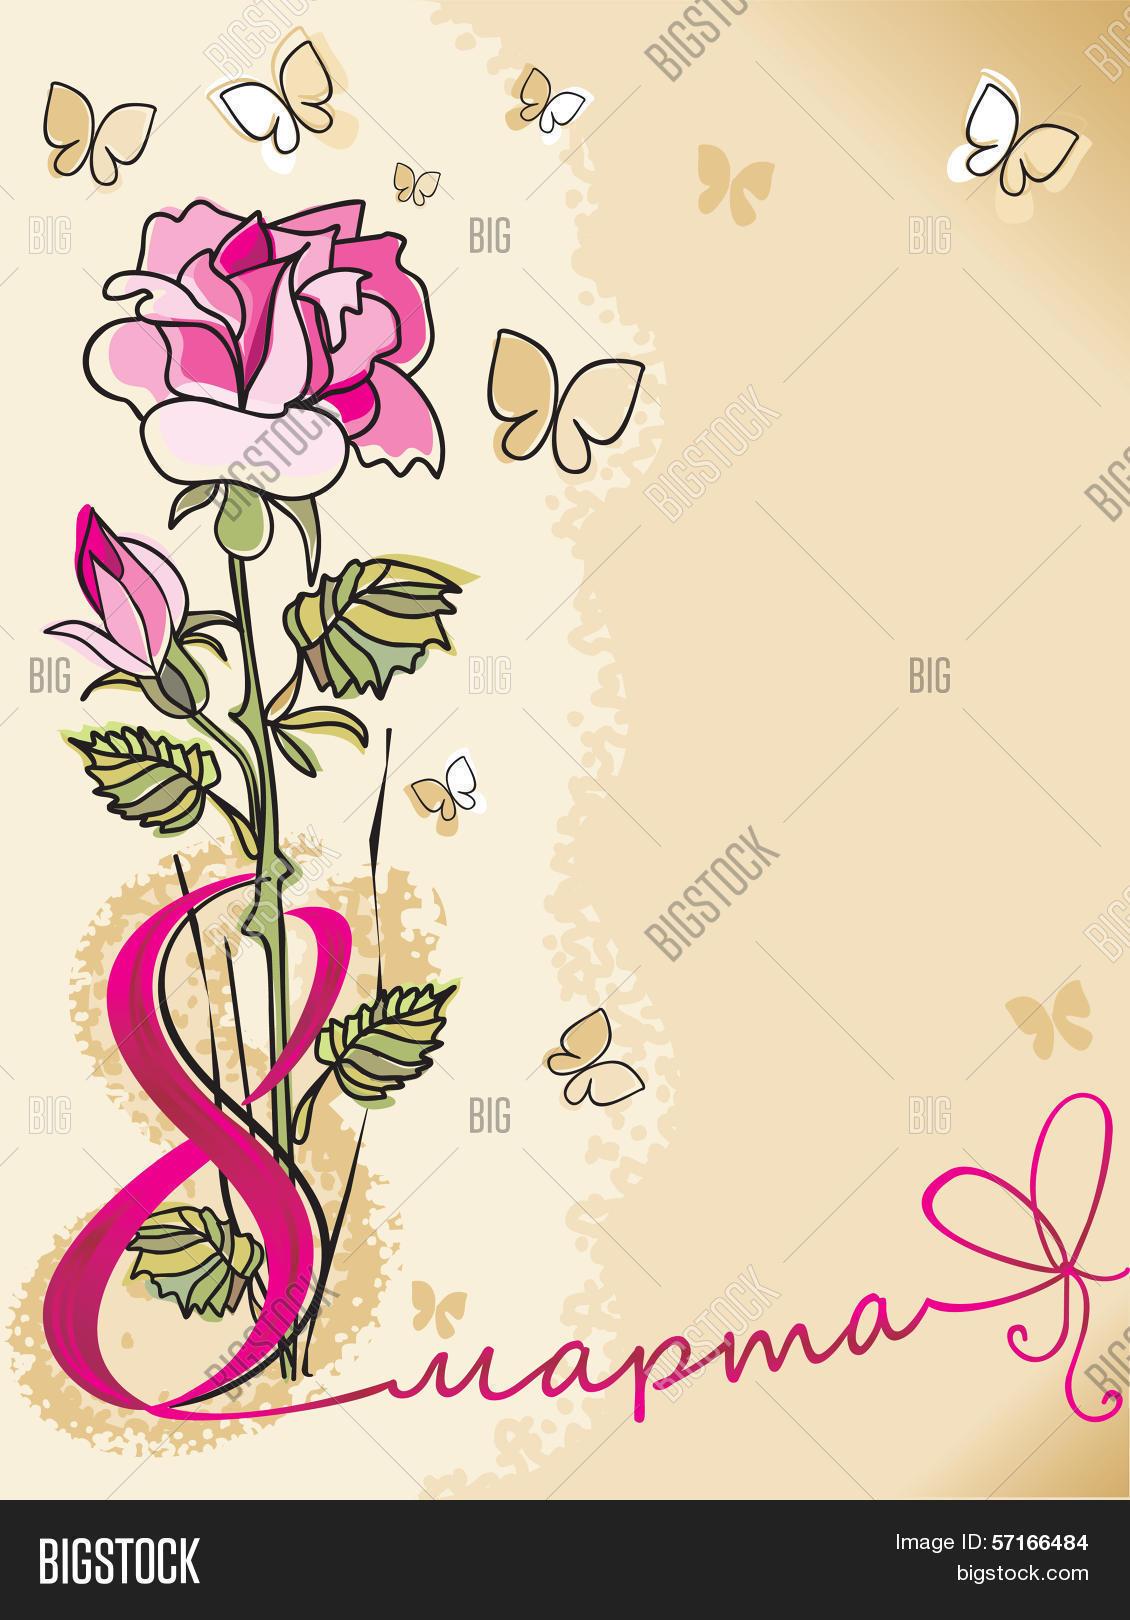 Виды рисунков на поздравительных открытках